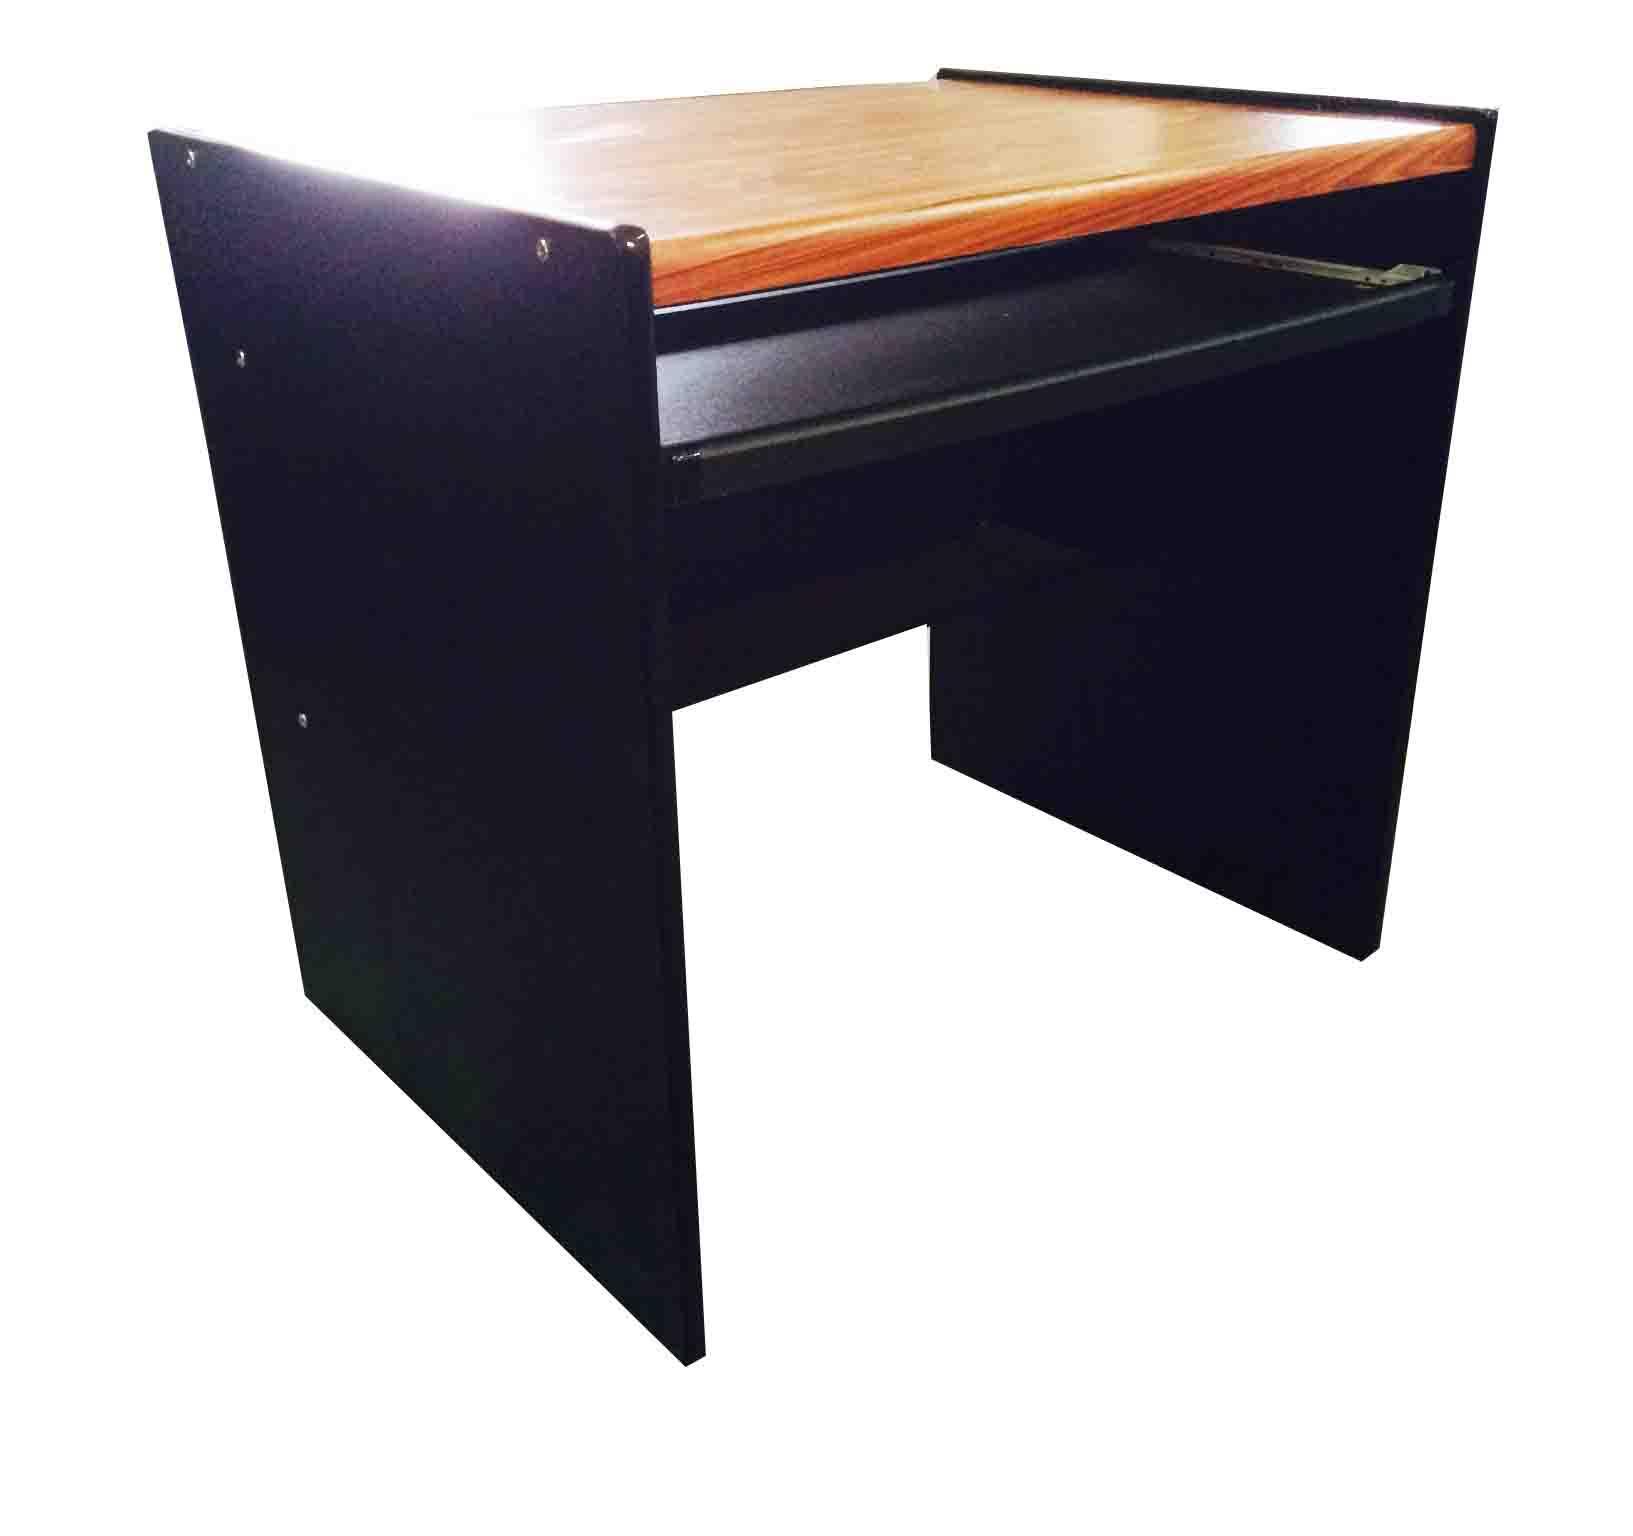 โต๊ะคอมพิวเตอร์ 80 ซม. PVC สักดำ